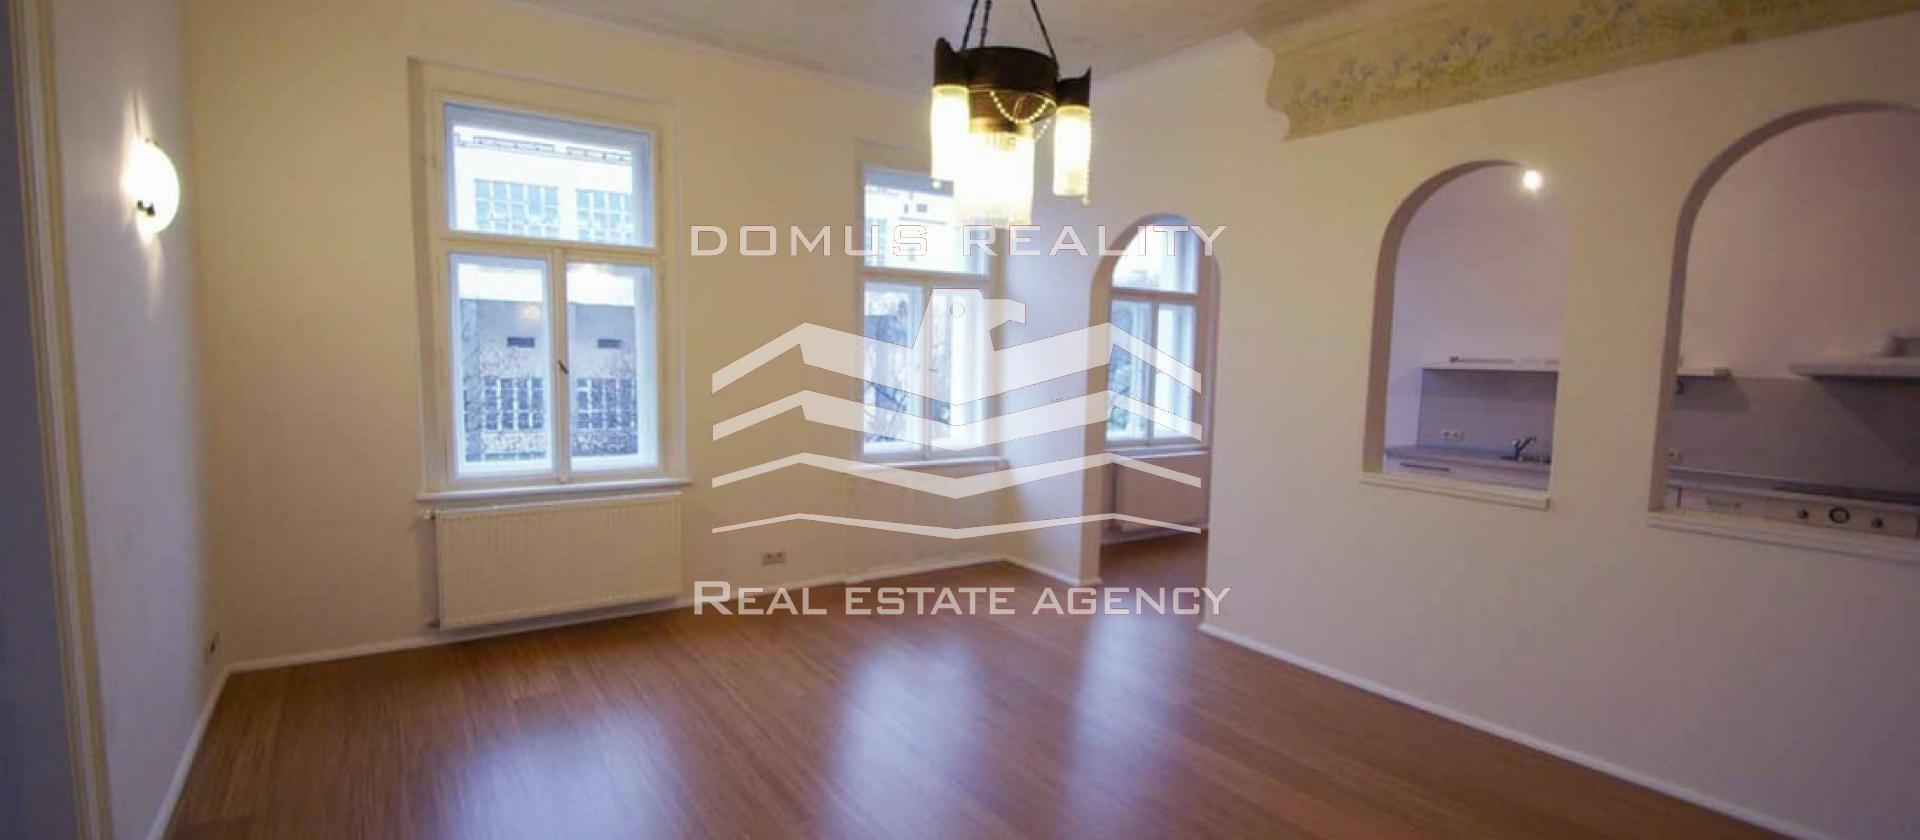 Luxusní, kompletně nově zrekonstruovaný, příjemně světlý a velmi prostorný byt 4+1 s balkonem orientovaným do Riegrových sadů